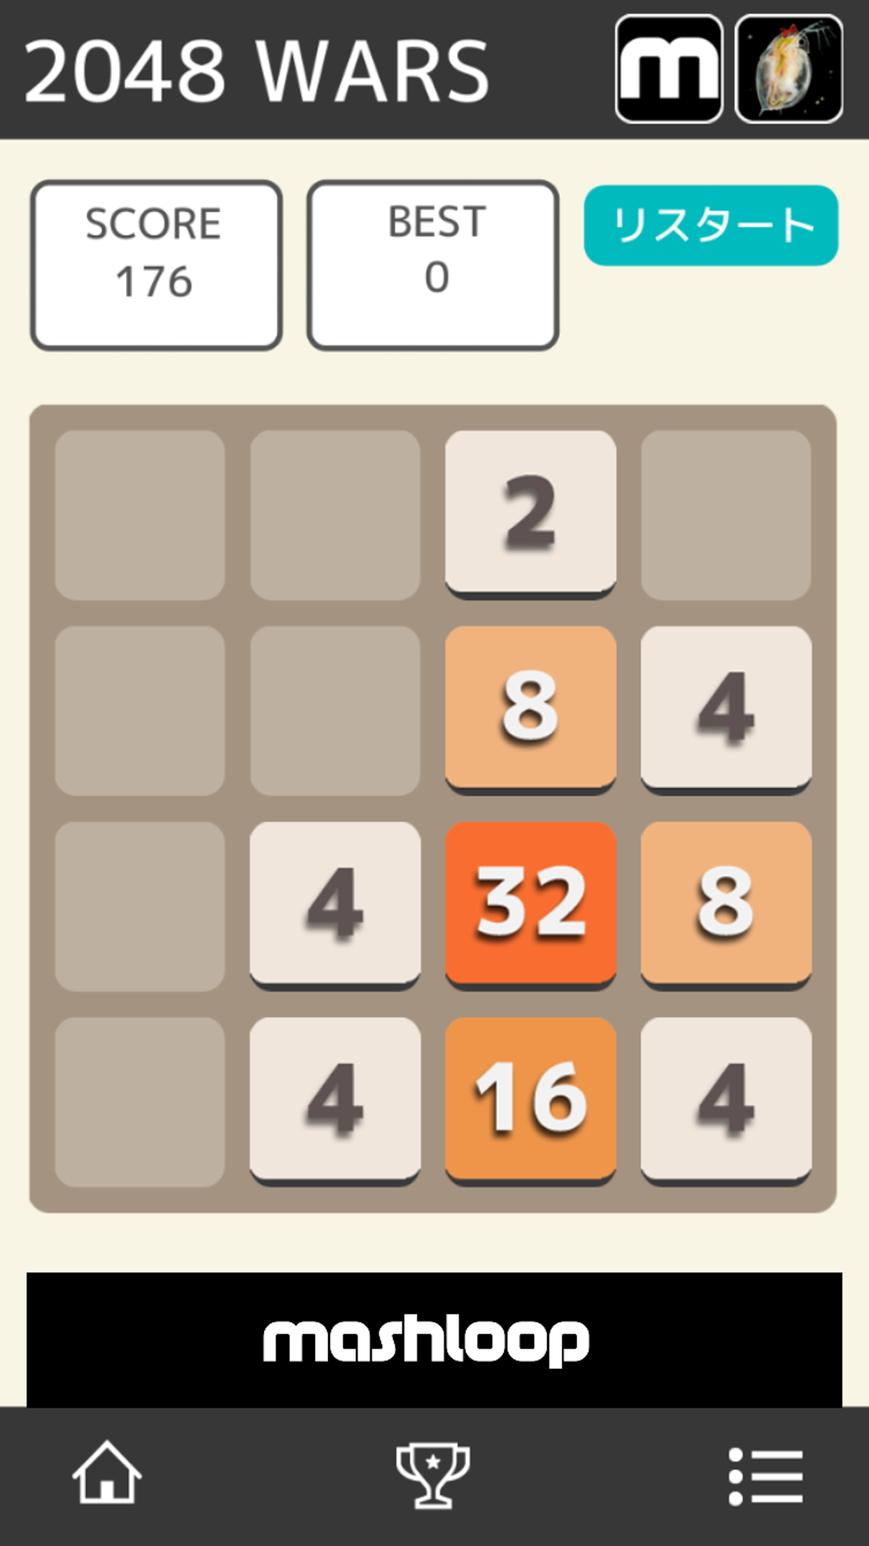 2048WARS